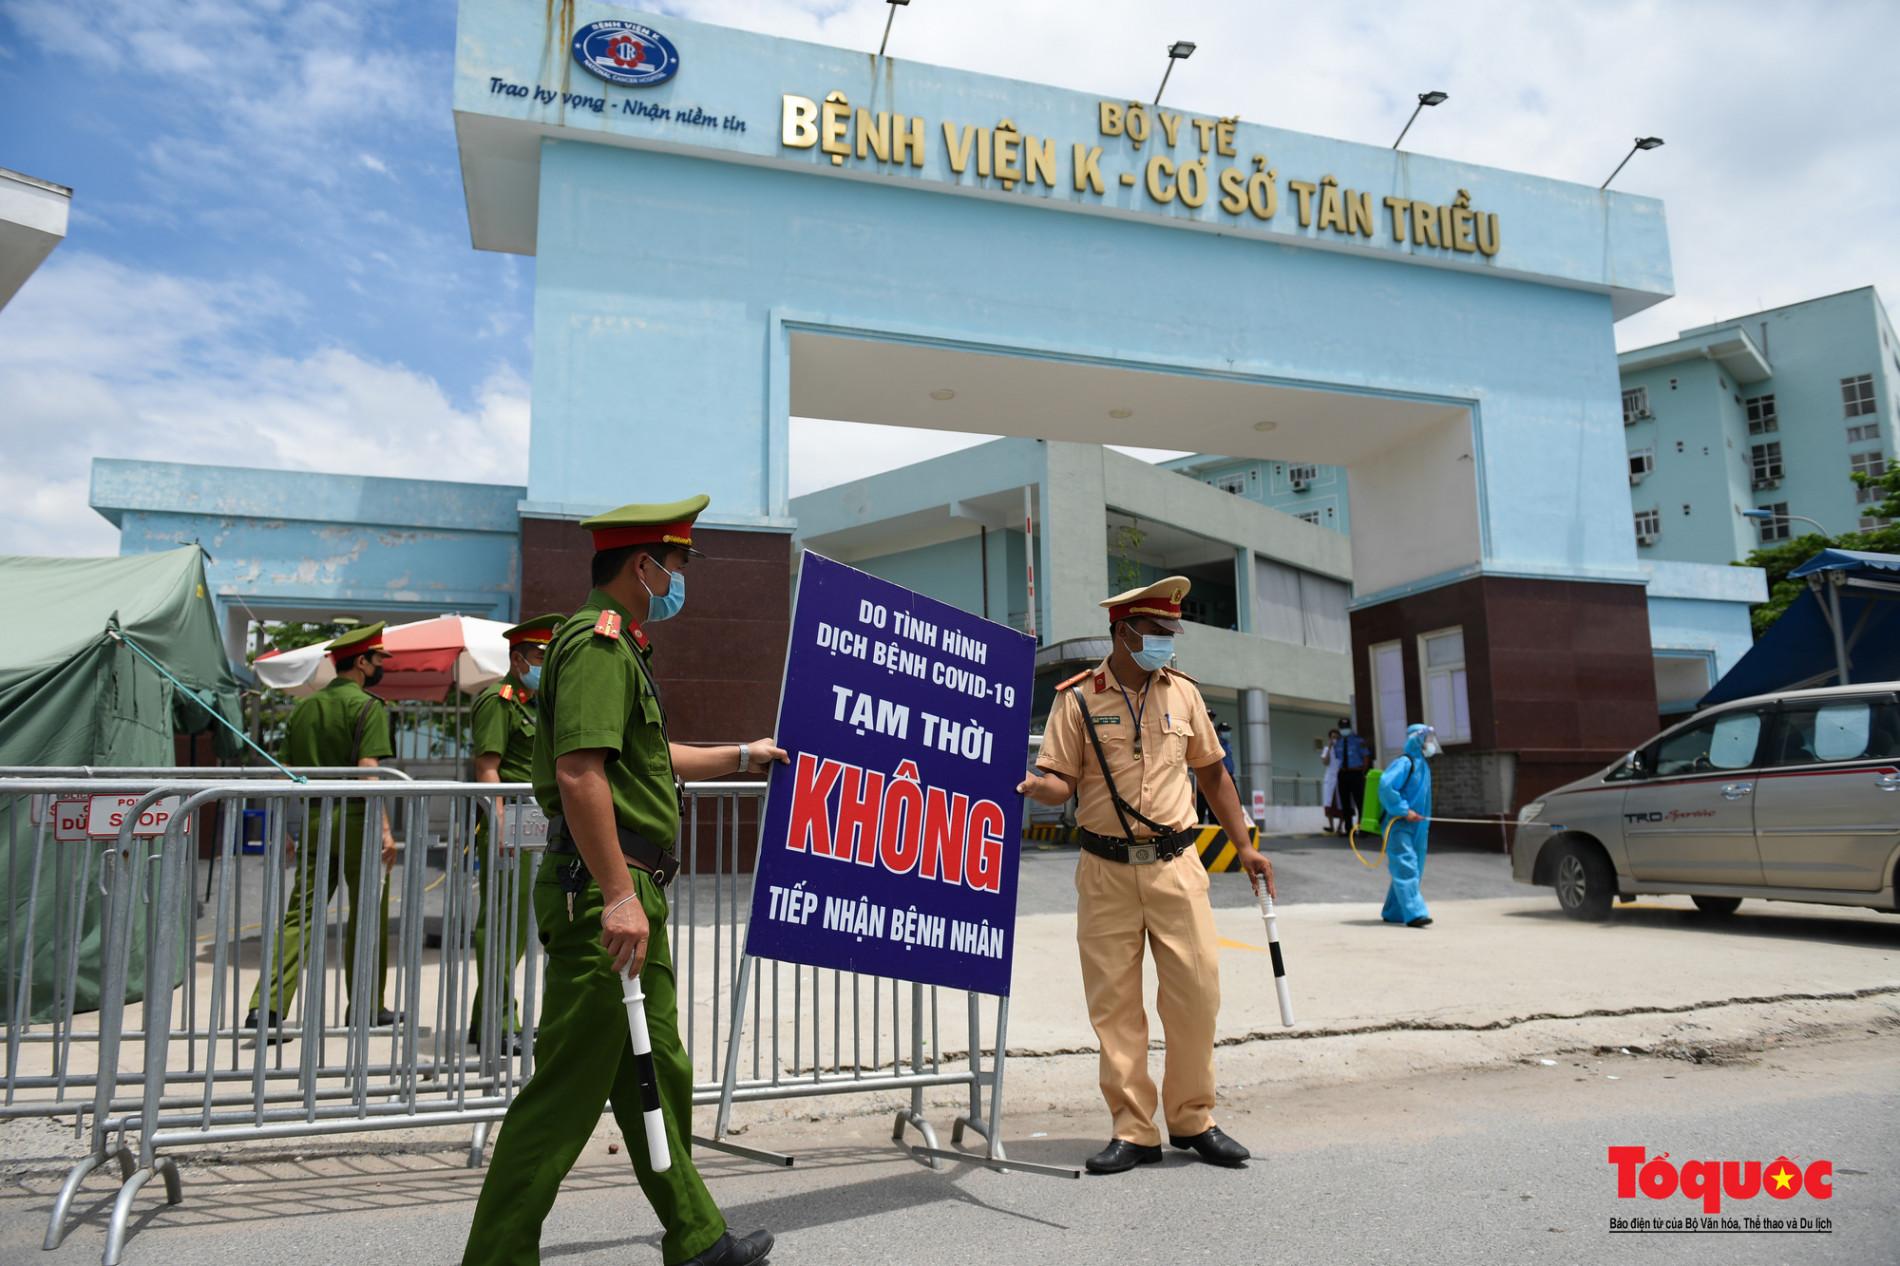 Hà Nội: Chính thức kết thúc cách ly y tế Bệnh viện K Tân Triều - Ảnh 7.